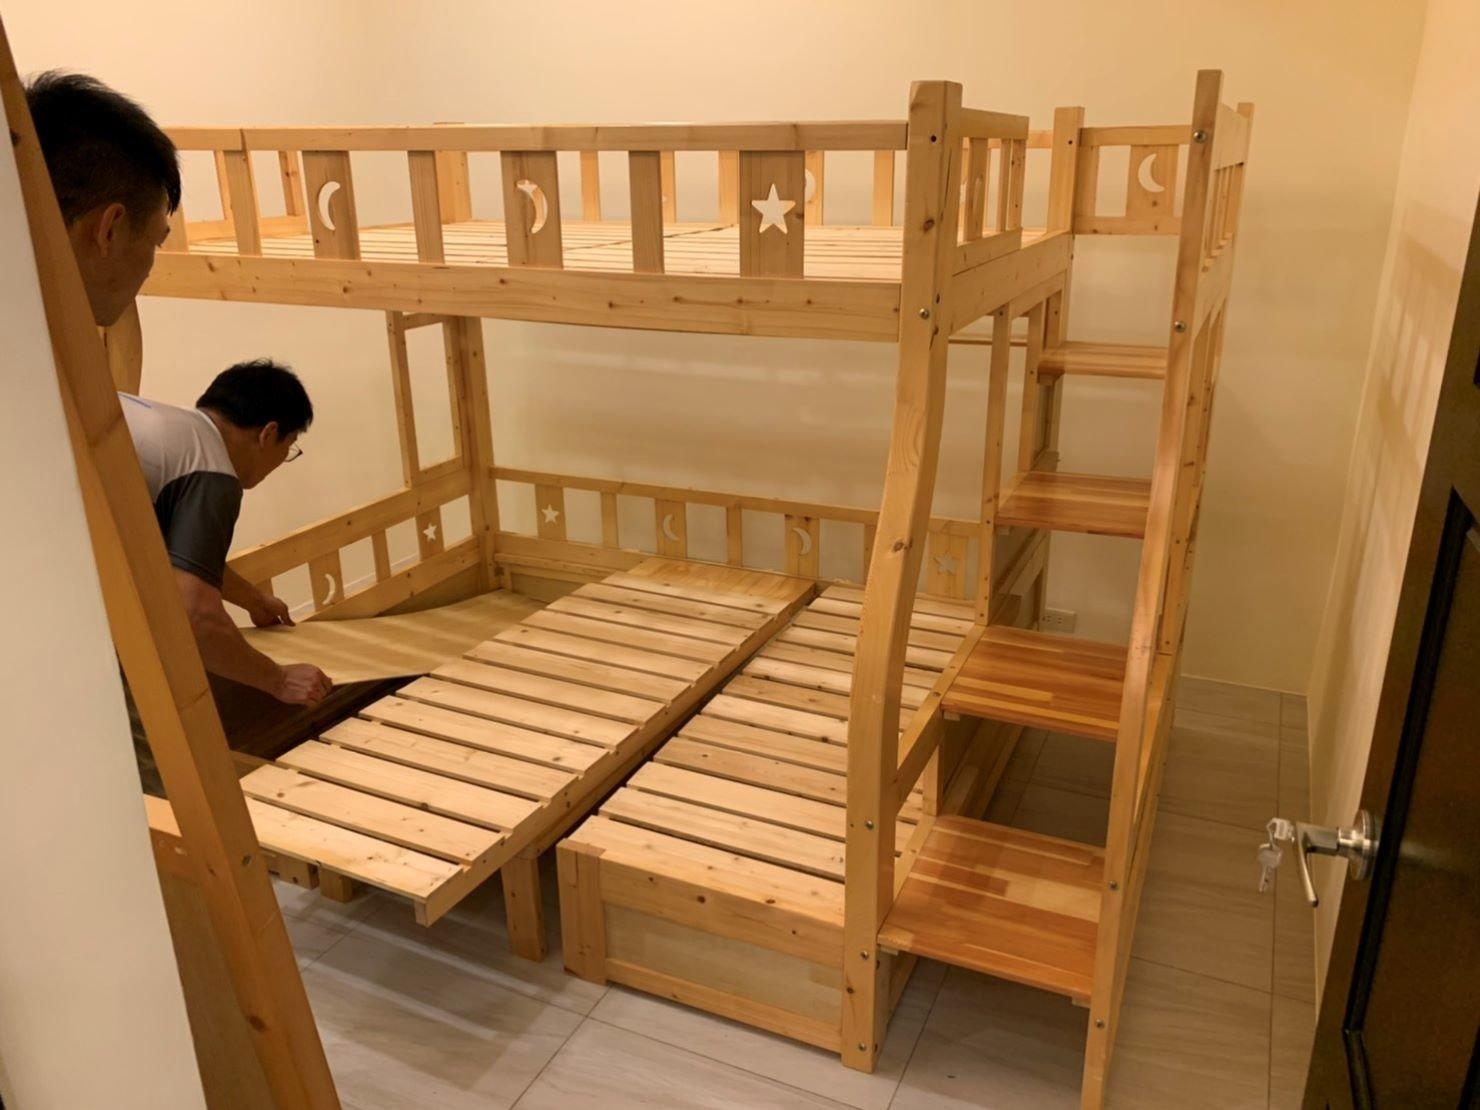 搬家公司【榮福搬家公司】拆裝家具、值得您的信賴與選擇:此上下床舖的組裝是有一定難度的,榮福搬家家具拆裝組師傅的專業技術就是能快速完成。